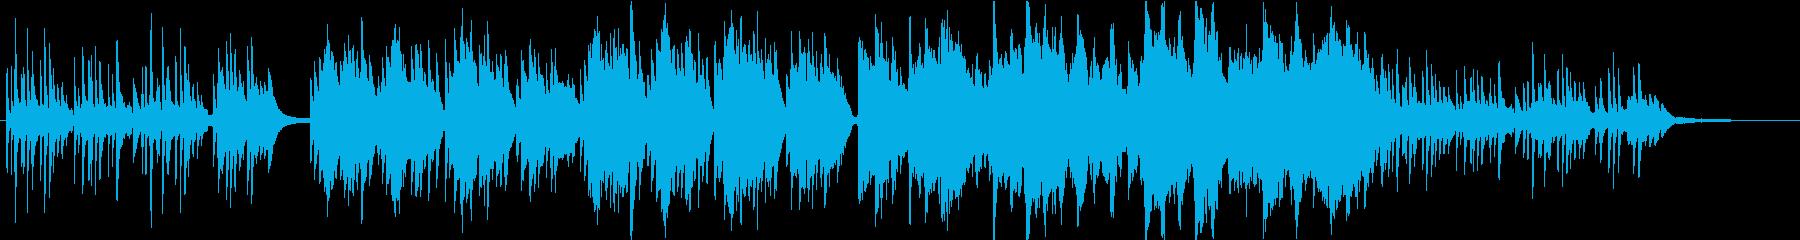 和風◆美しく儚げなヒーリング系BGMの再生済みの波形